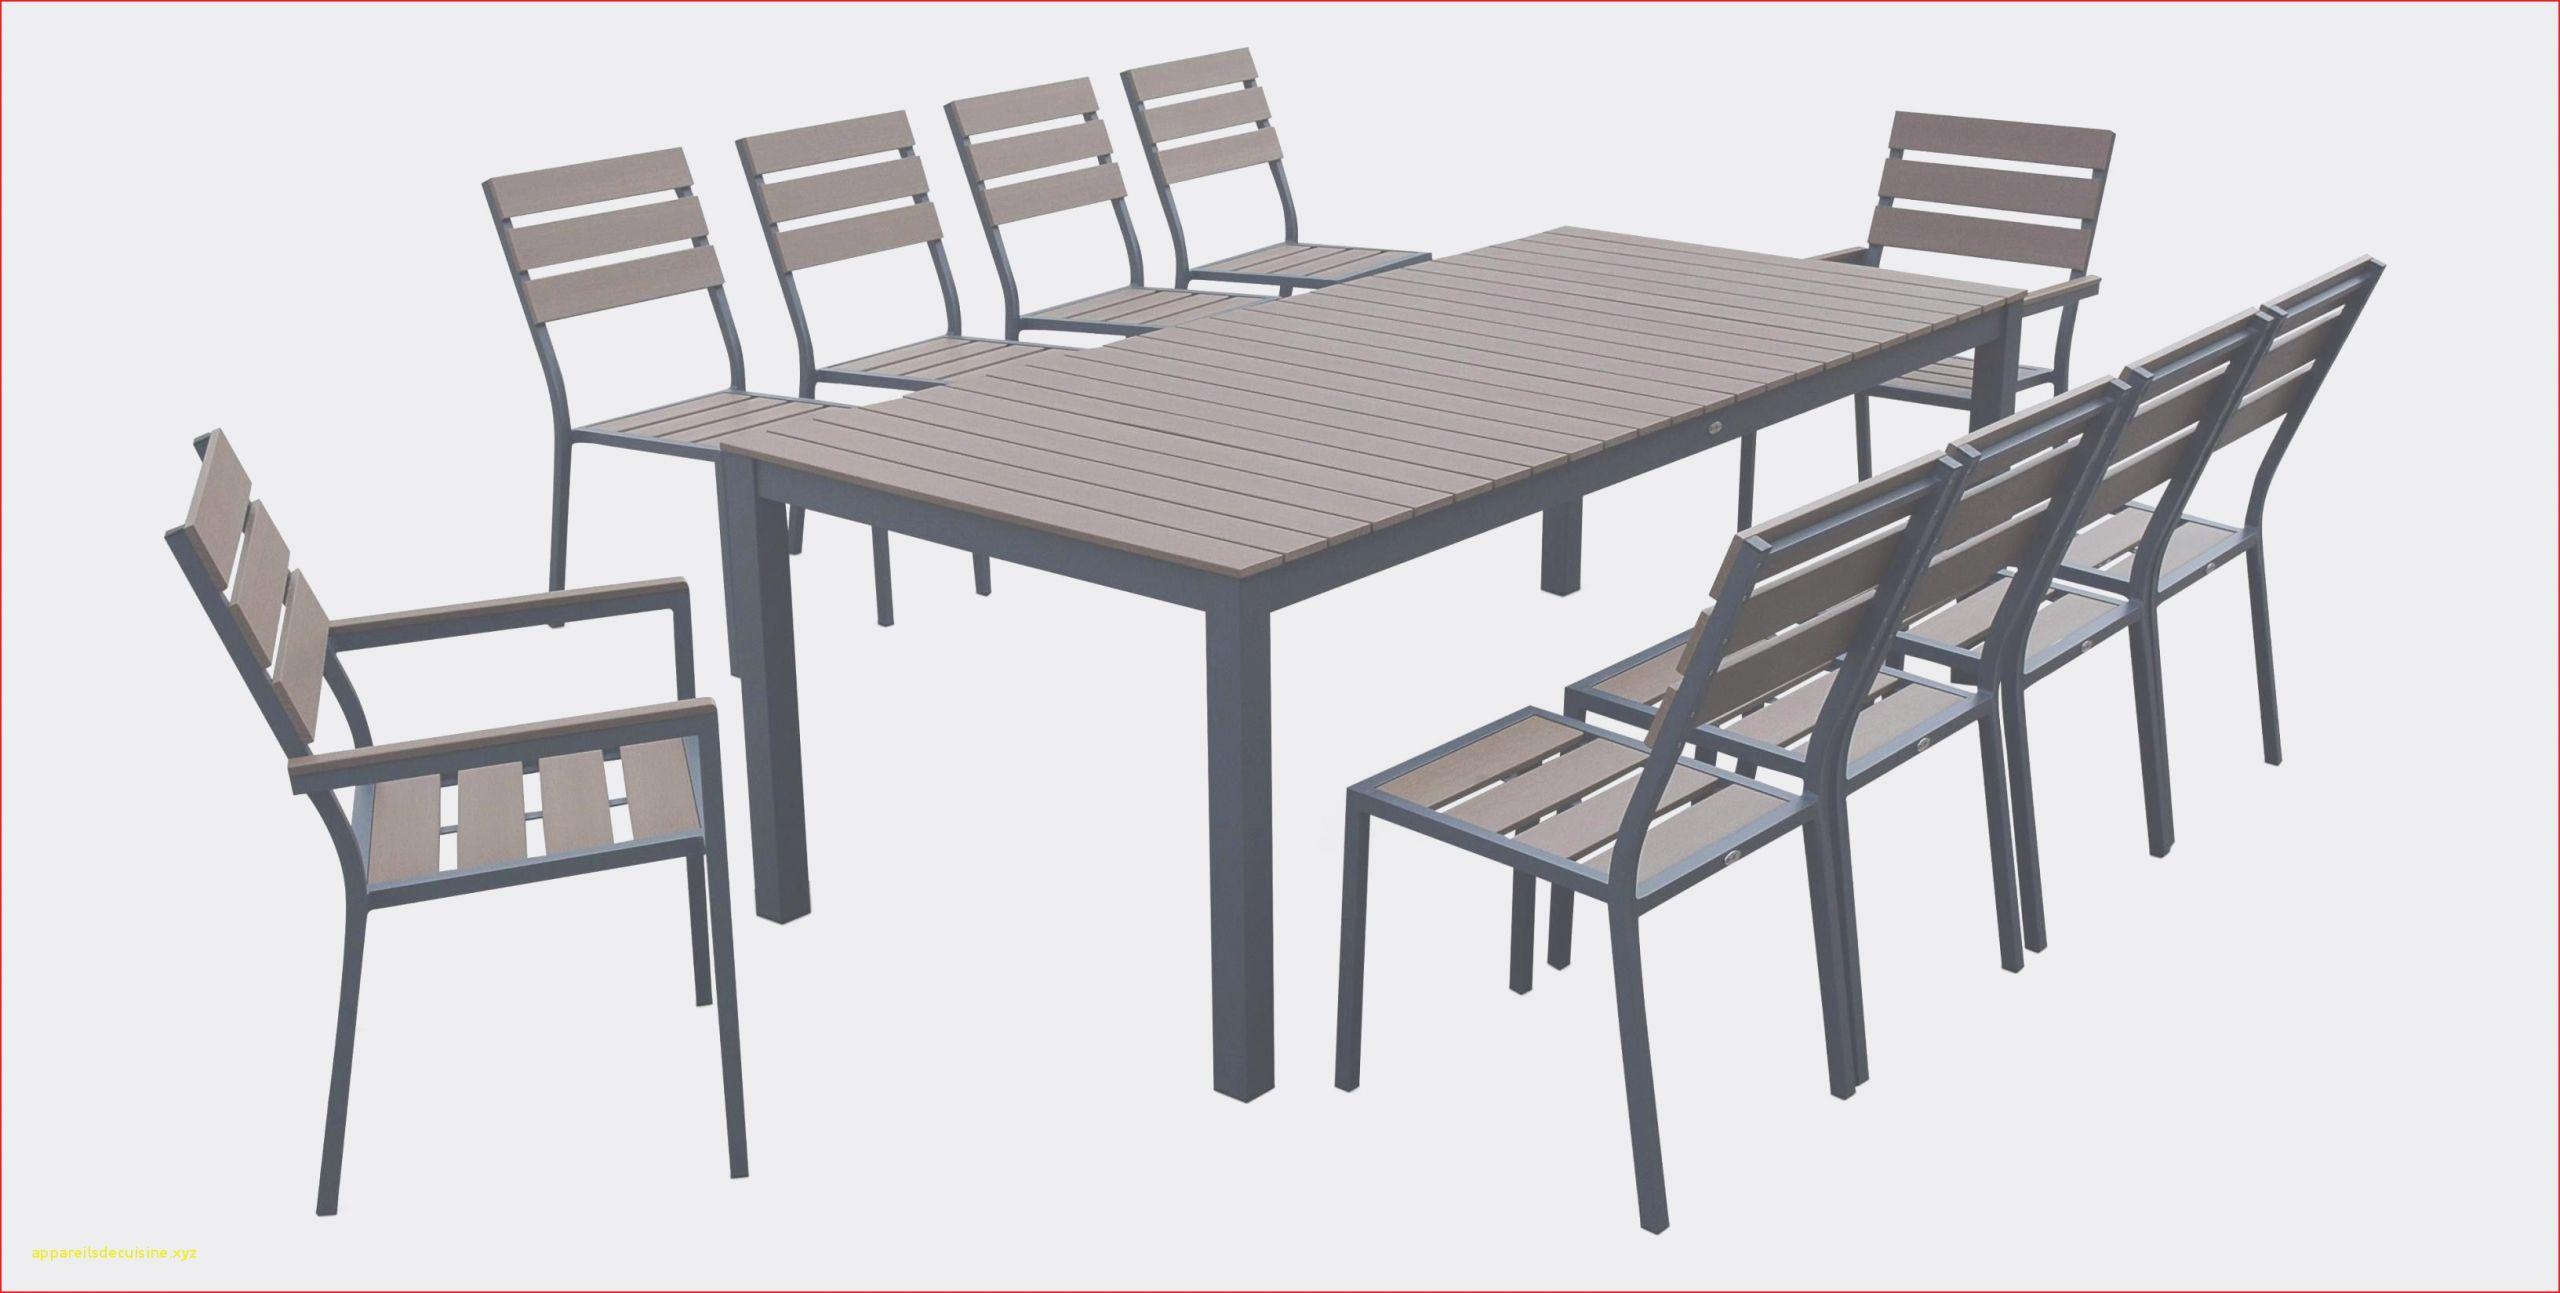 Ensemble Table Et Chaise De Jardin Aluminium Beau Jardin Archives Francesginsberg Of 33 Génial Ensemble Table Et Chaise De Jardin Aluminium